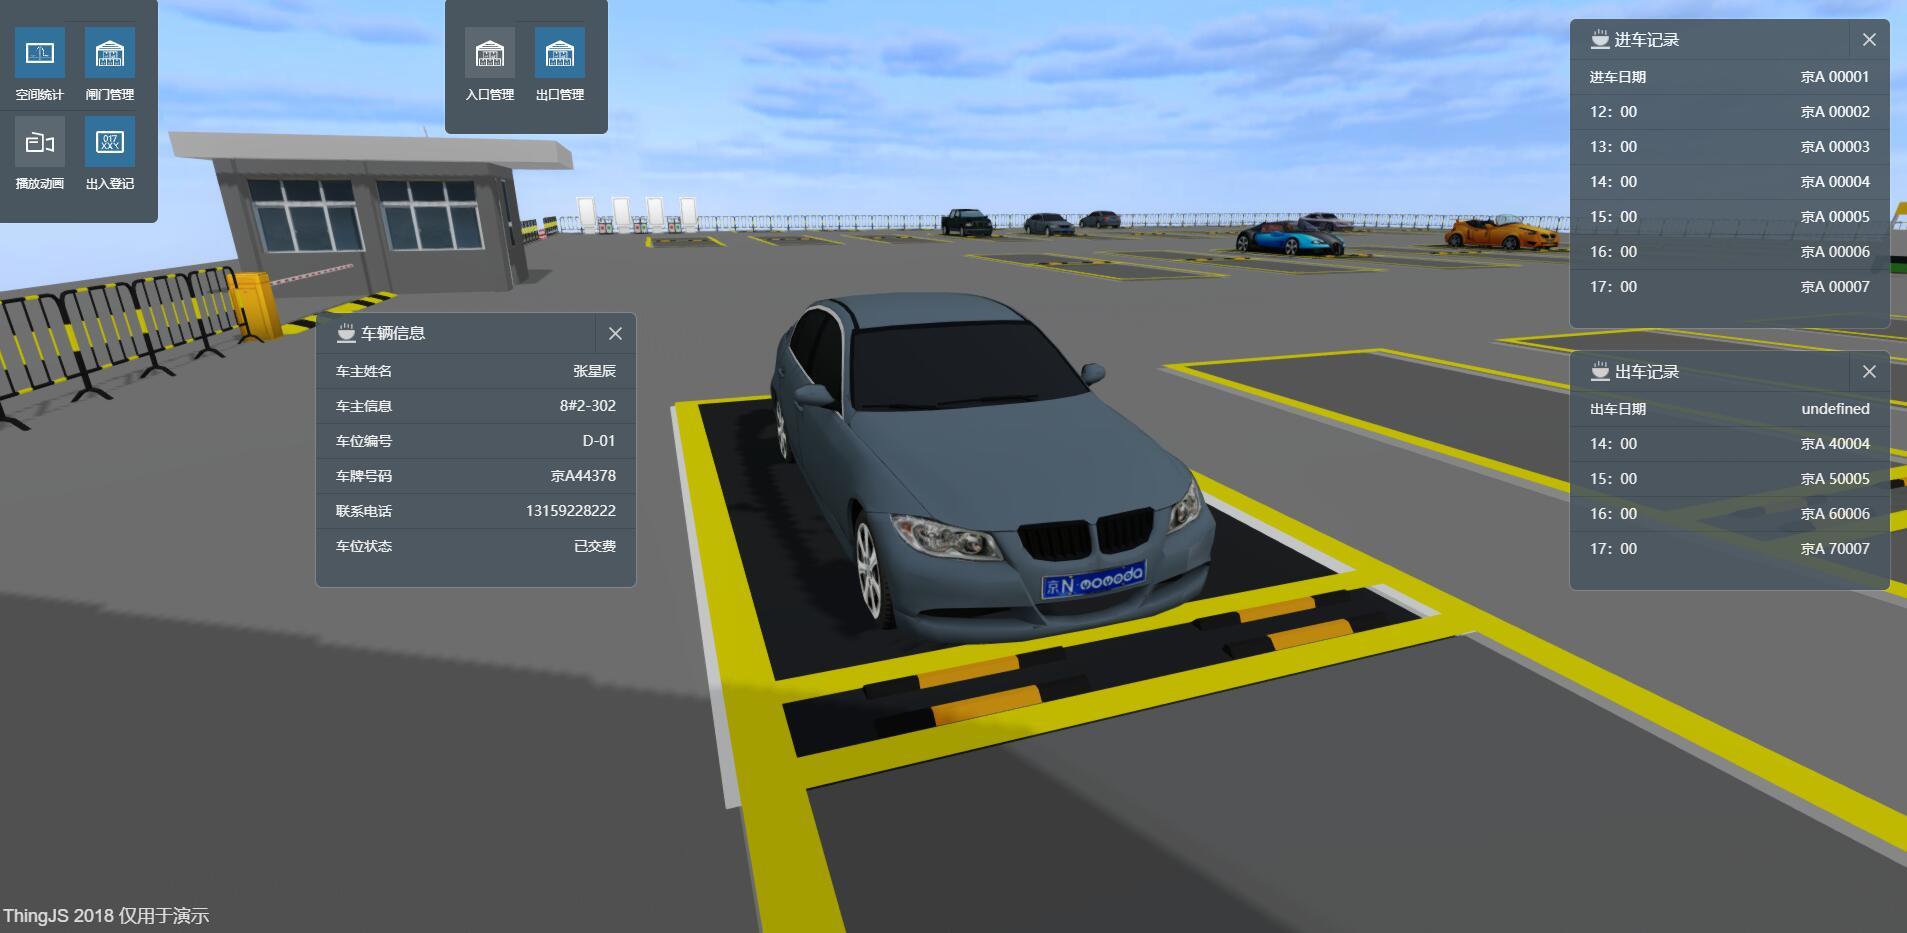 停车场三维可视化-车辆信息